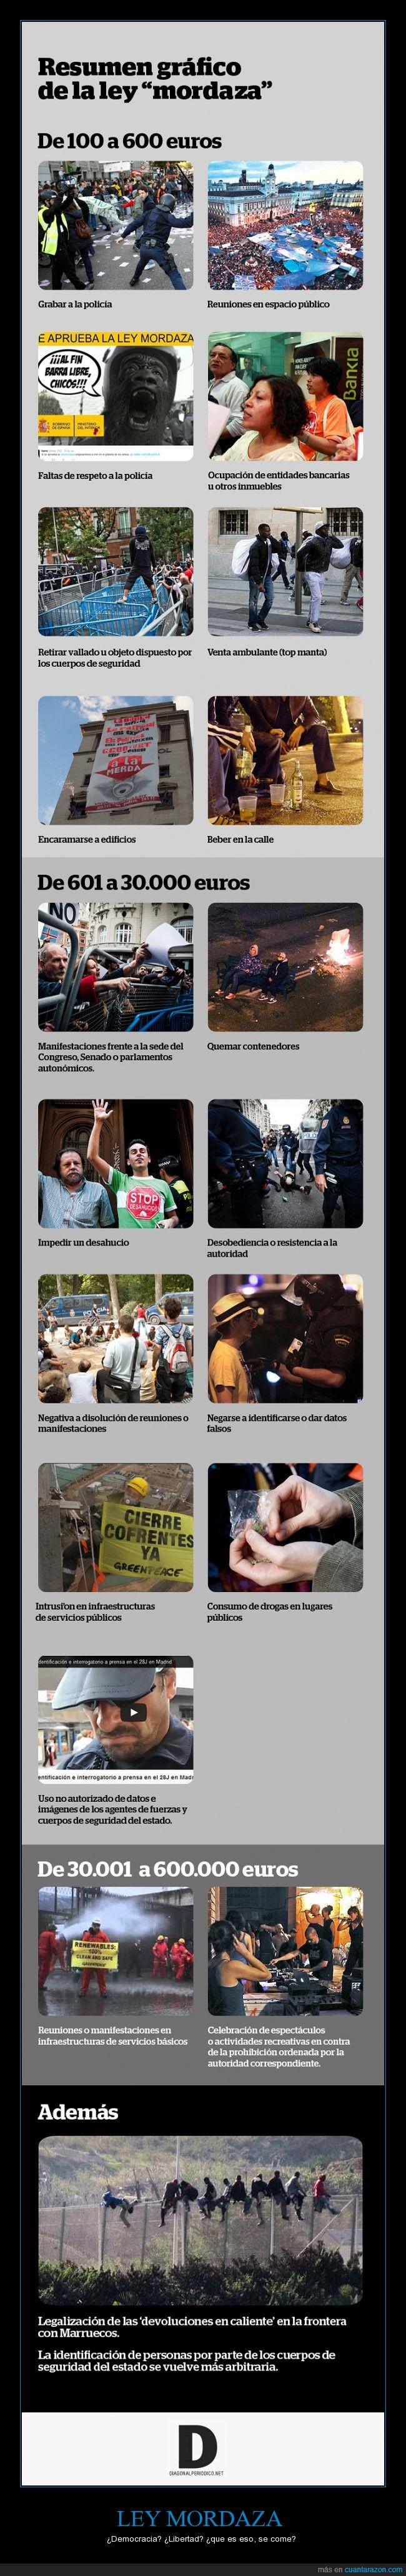 fascismo,inmigración,ley mordaza,manifestaciones,policia,politica,pp,represión